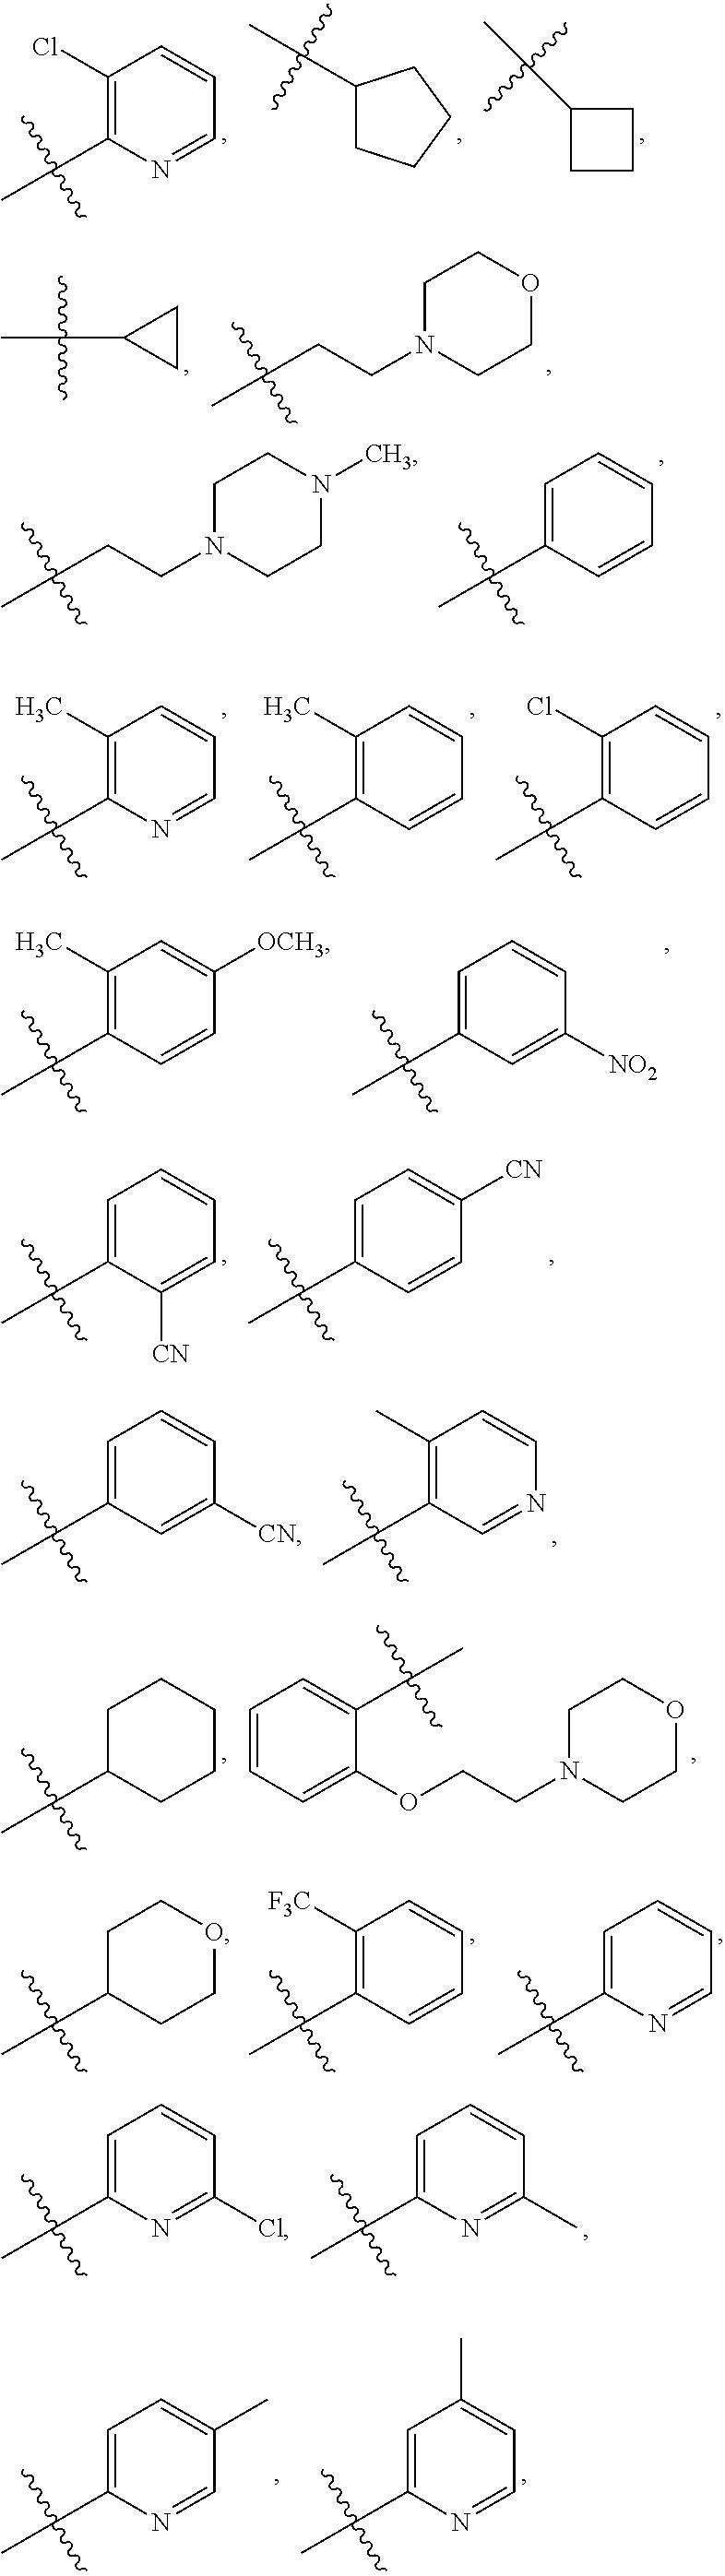 Figure US08940742-20150127-C00037